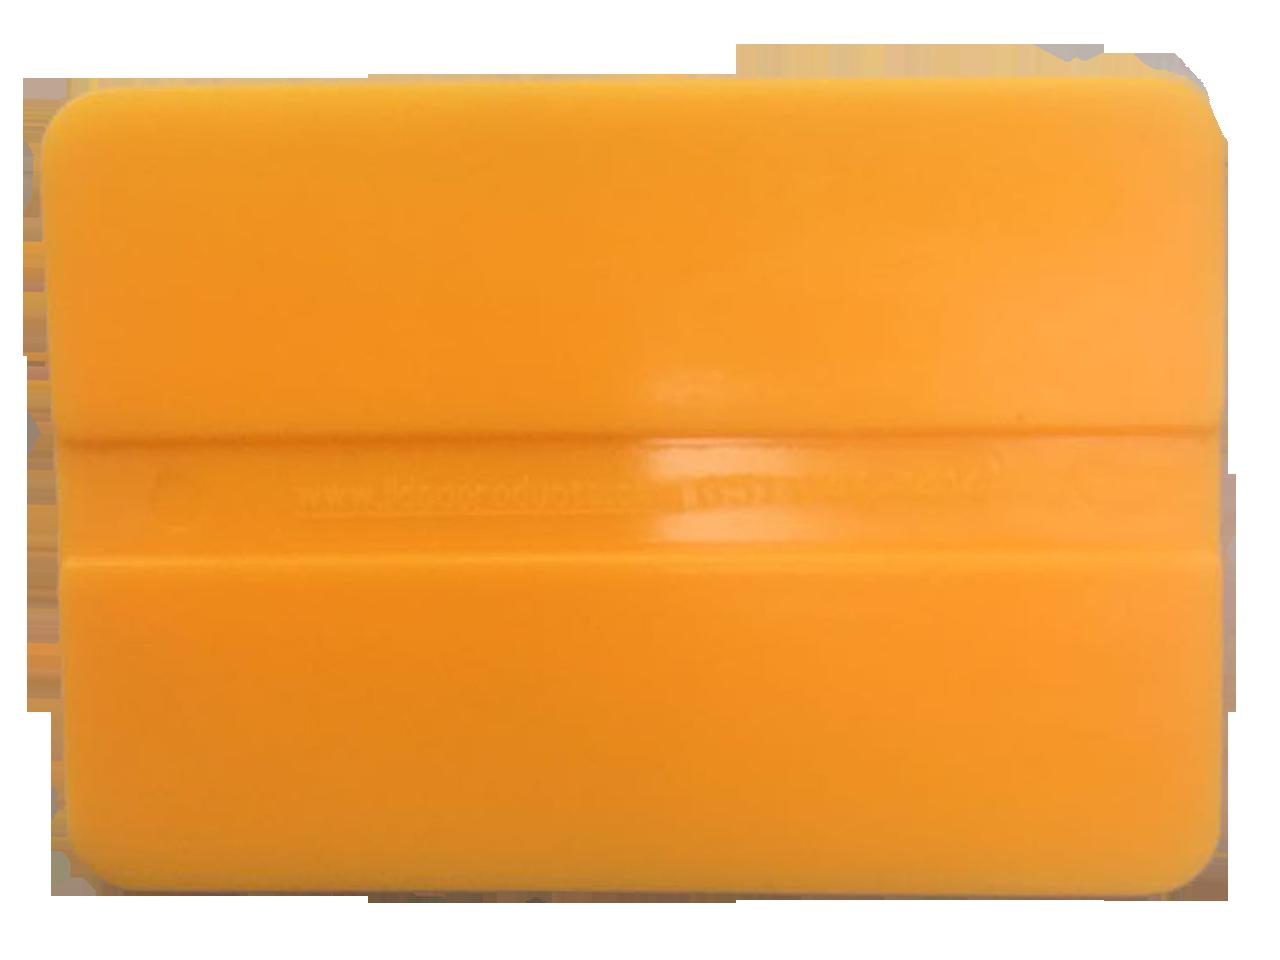 Película Tintada de Controle Solar (10 Rolos de 1,52 X 15m) TLV 5, 20, 35 e 50. Cores disponíveis: Preto, Verde Oliva, Verde Floresta e Verde Natural .